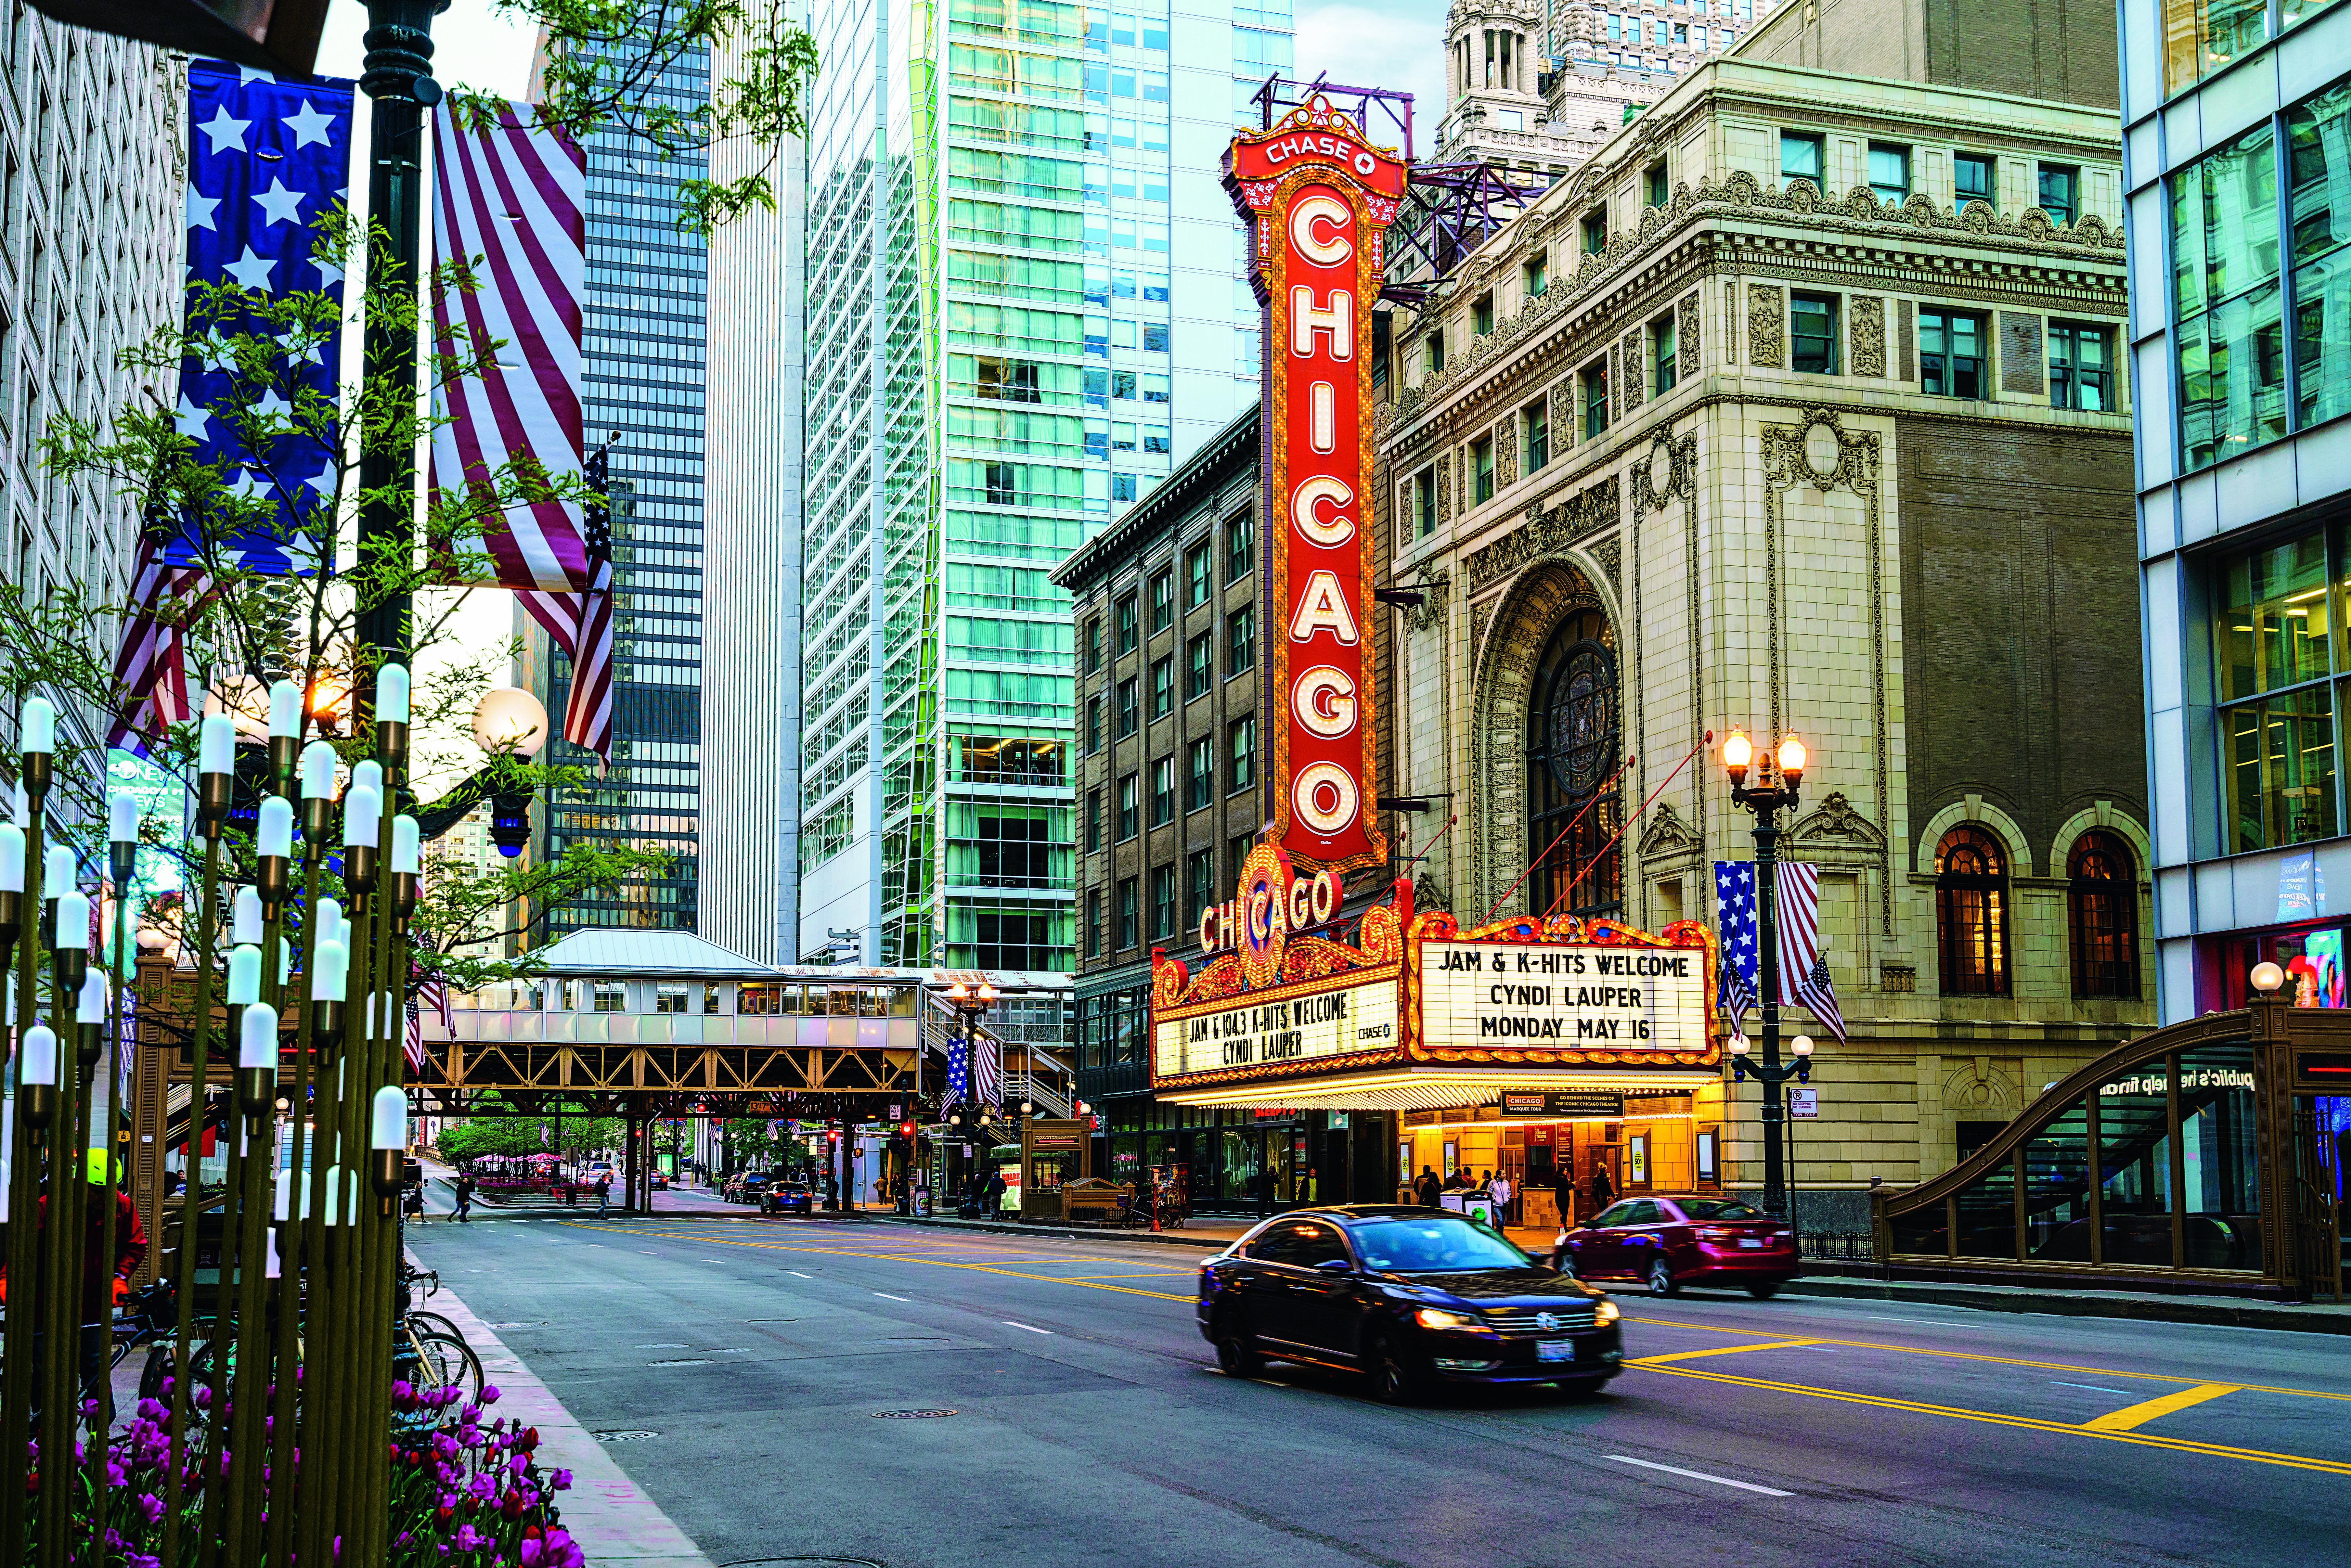 Chicago Theatre, Chicago